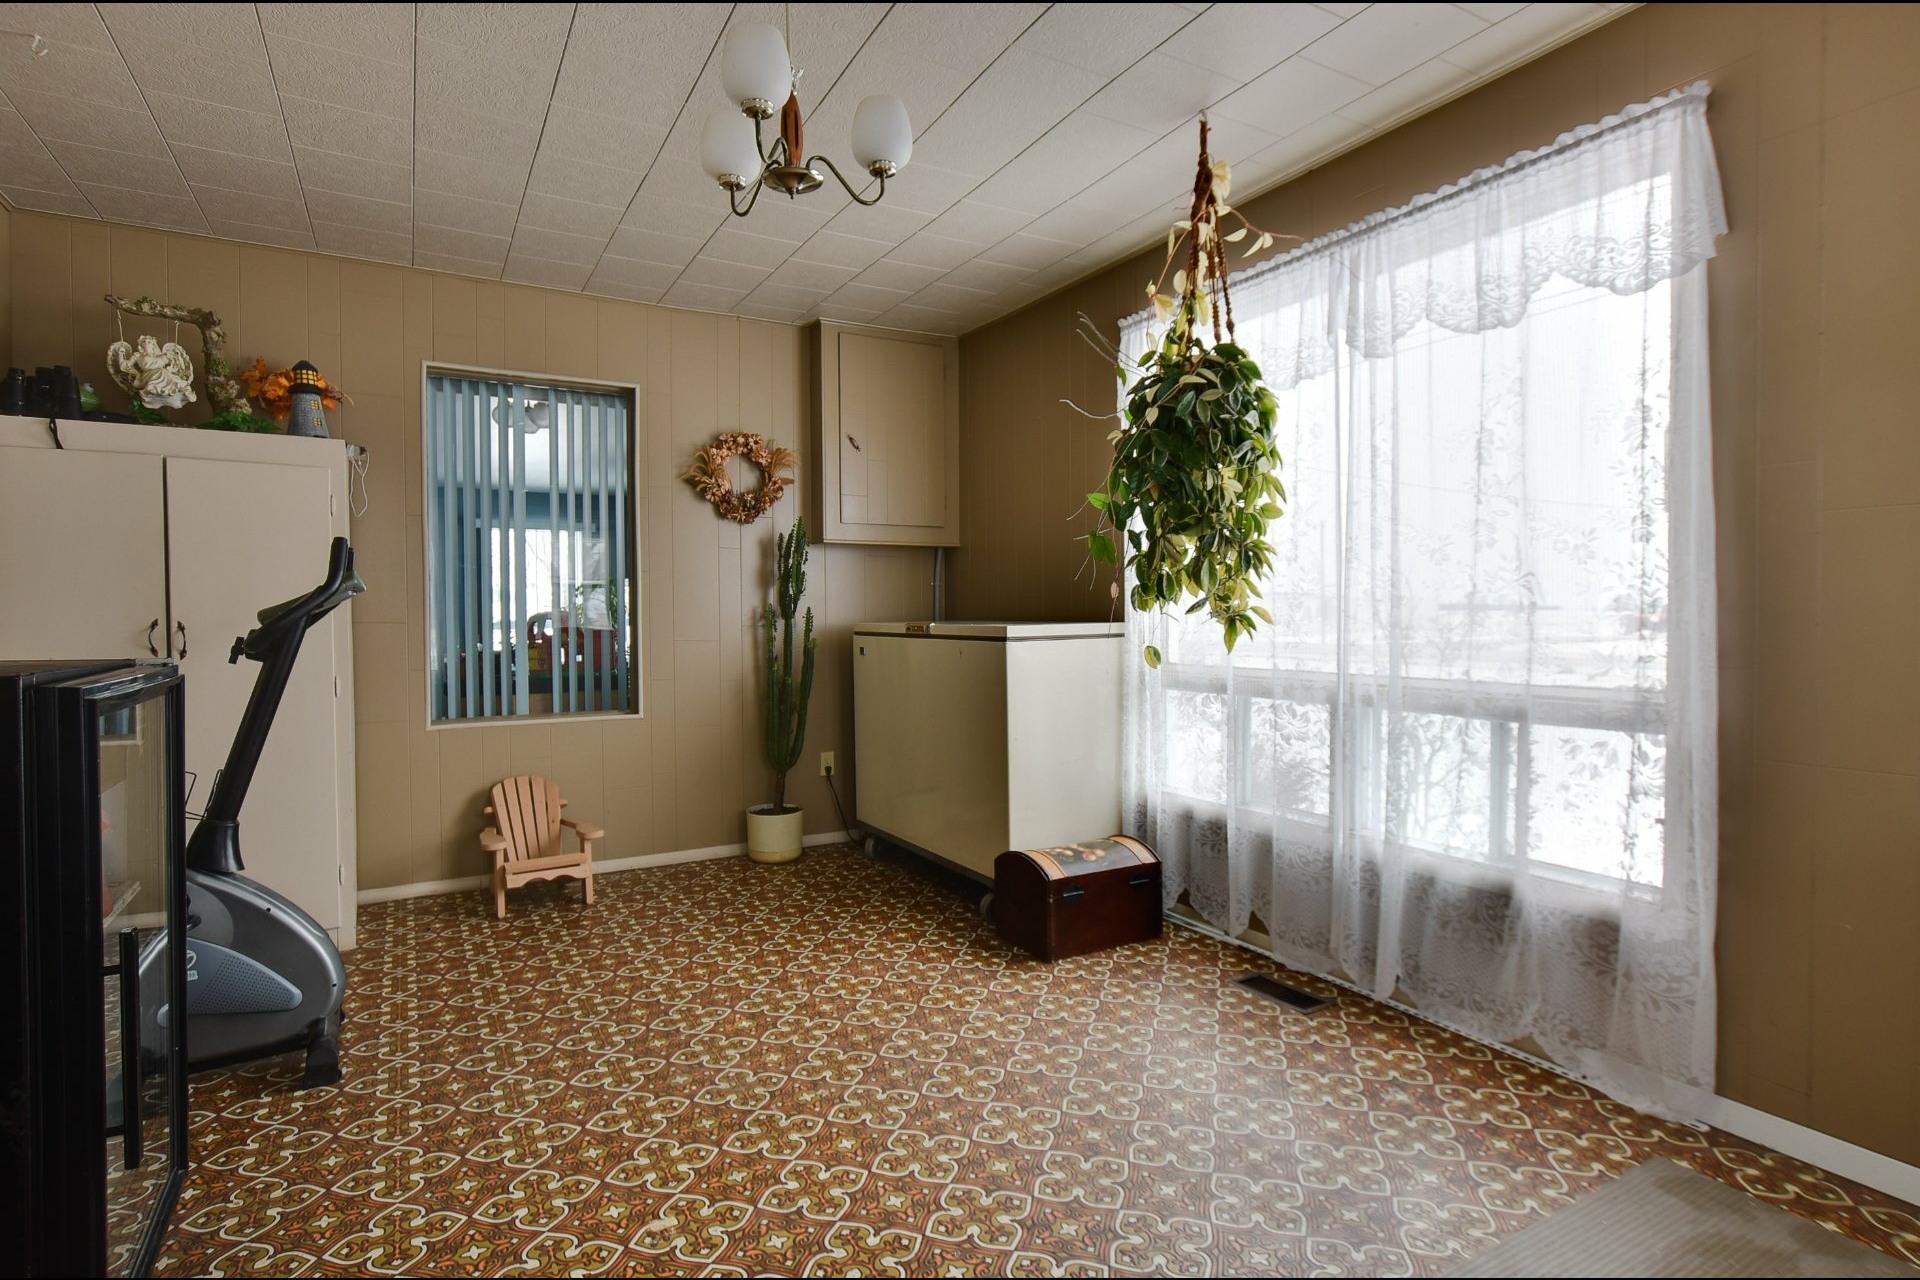 image 5 - Maison À vendre Saint-Sébastien - 11 pièces